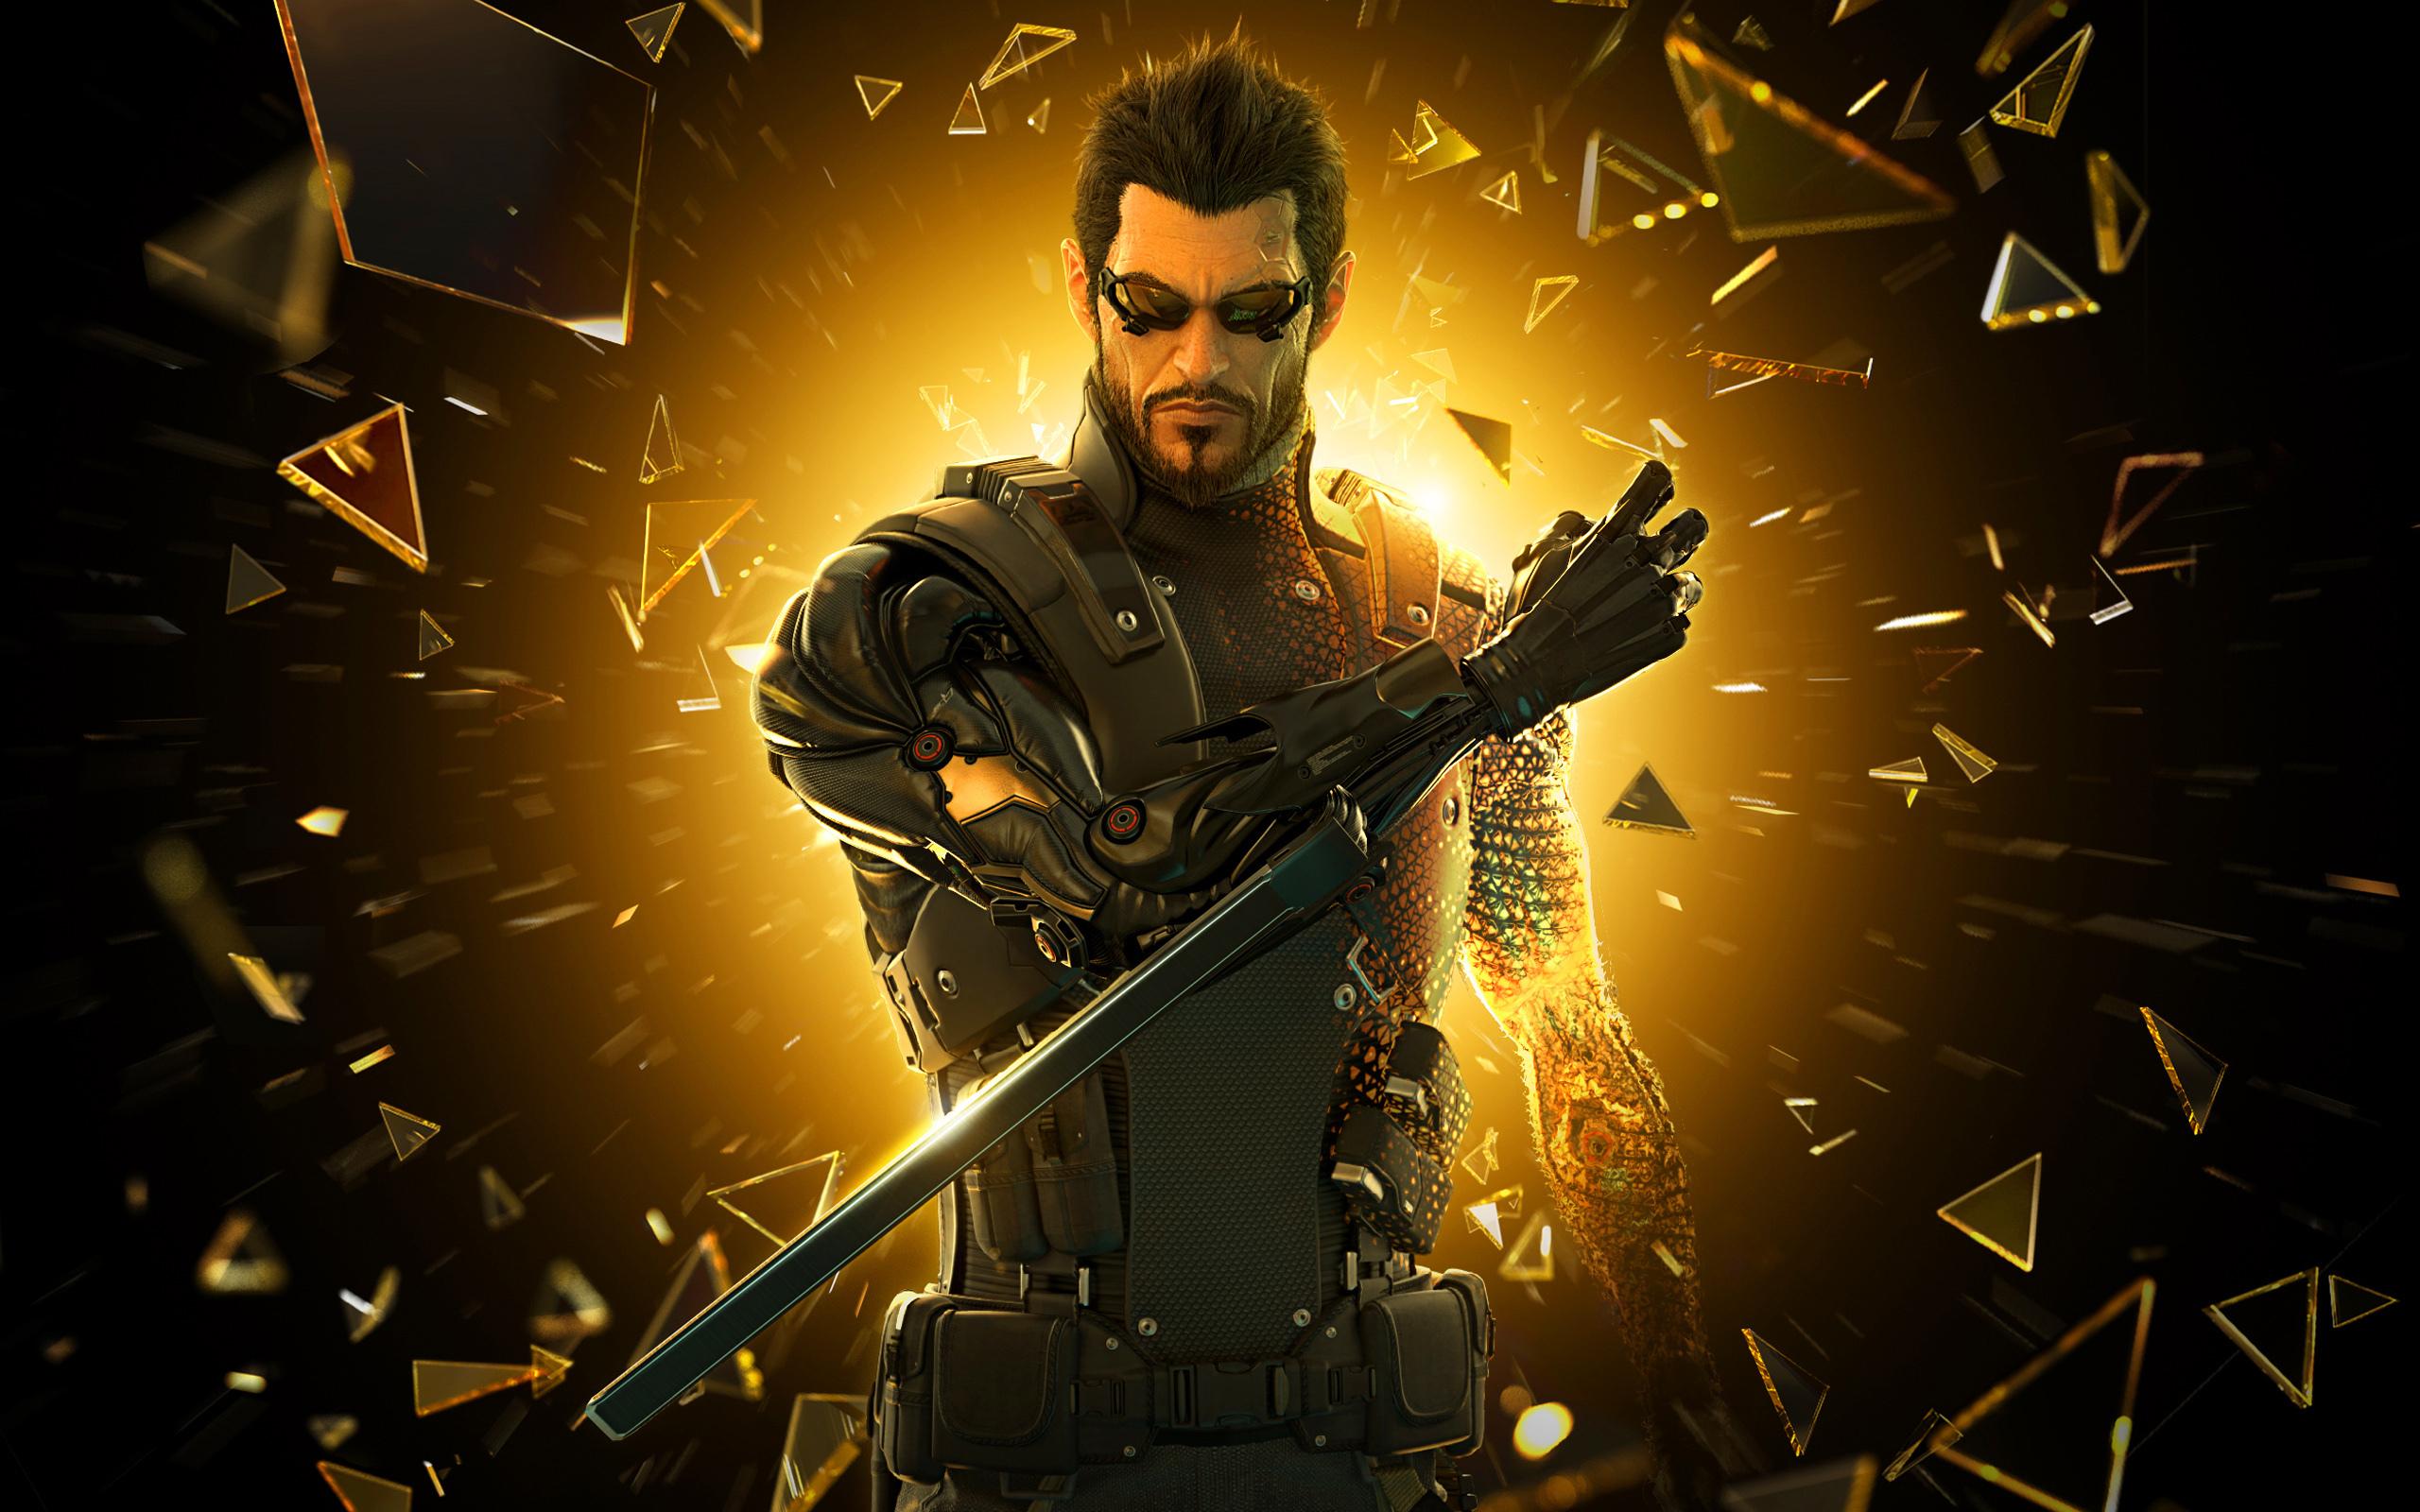 Deus Ex Third Wallpapers HD Wallpapers 2560x1600